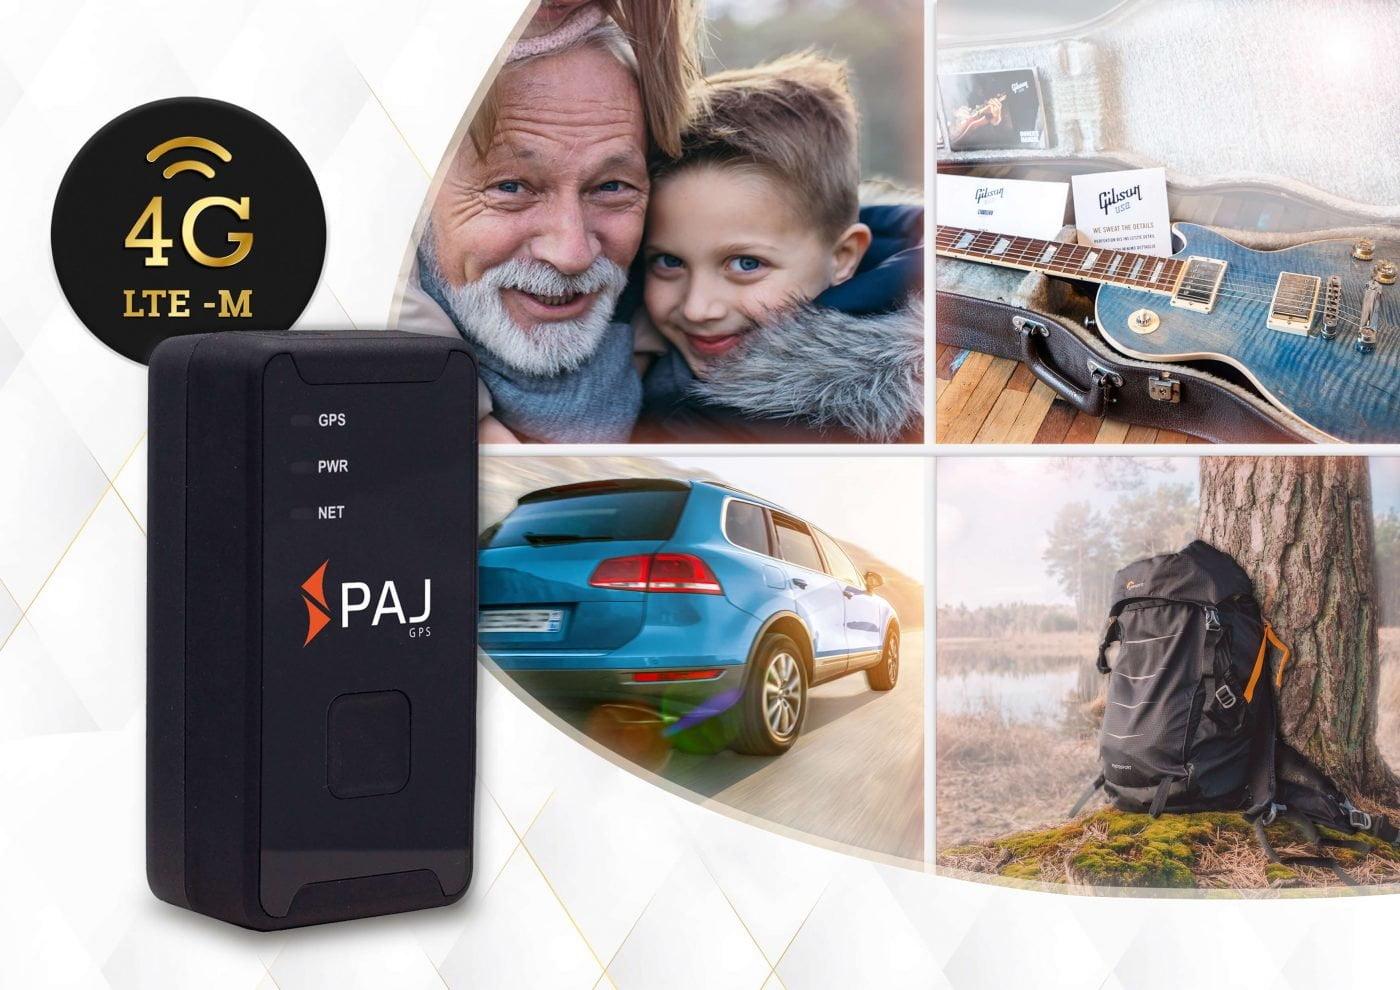 collage komplettset allround finder 4g paj 1400x990 - AG GPS Tracker für Wohnwagen